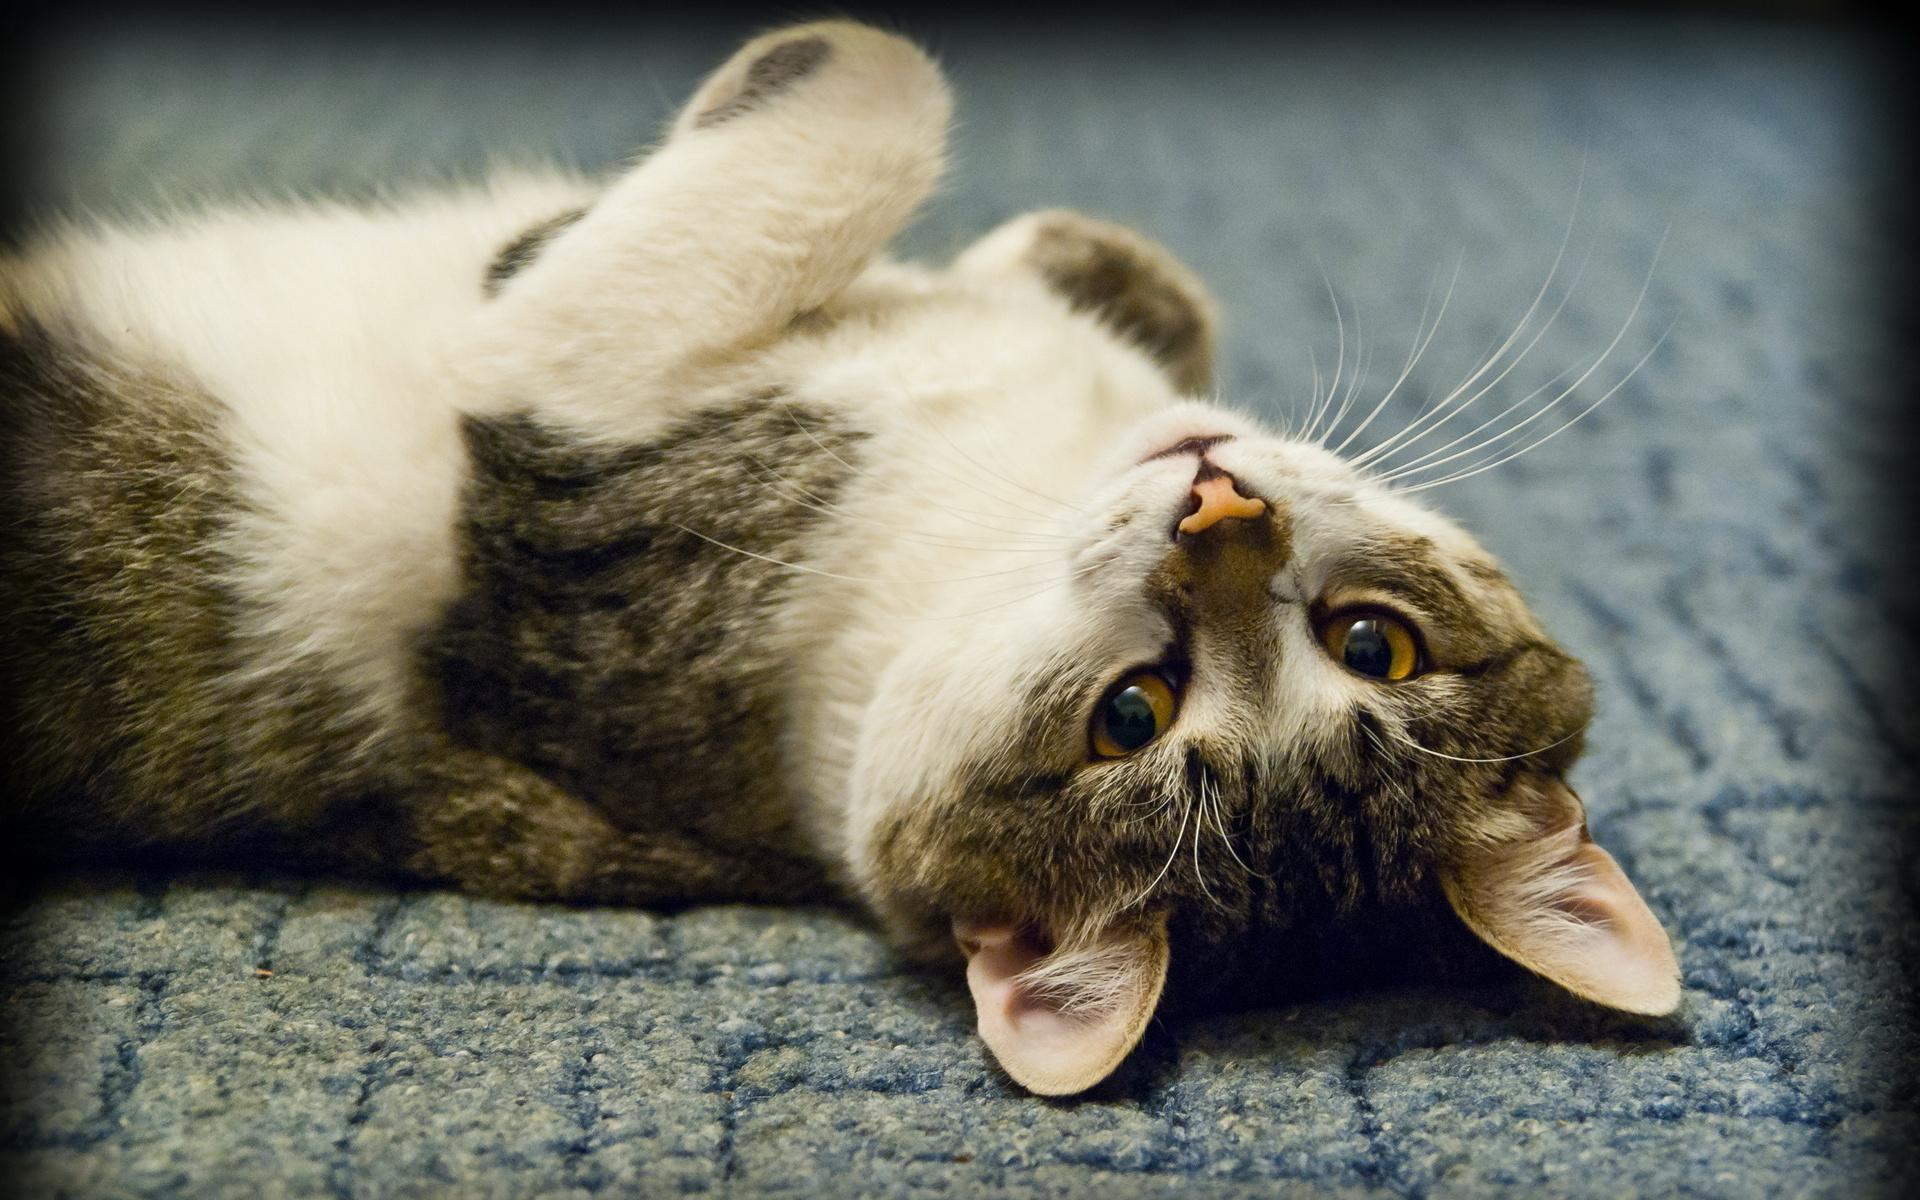 свой собственный лежащие коты картинки модель прекрасно